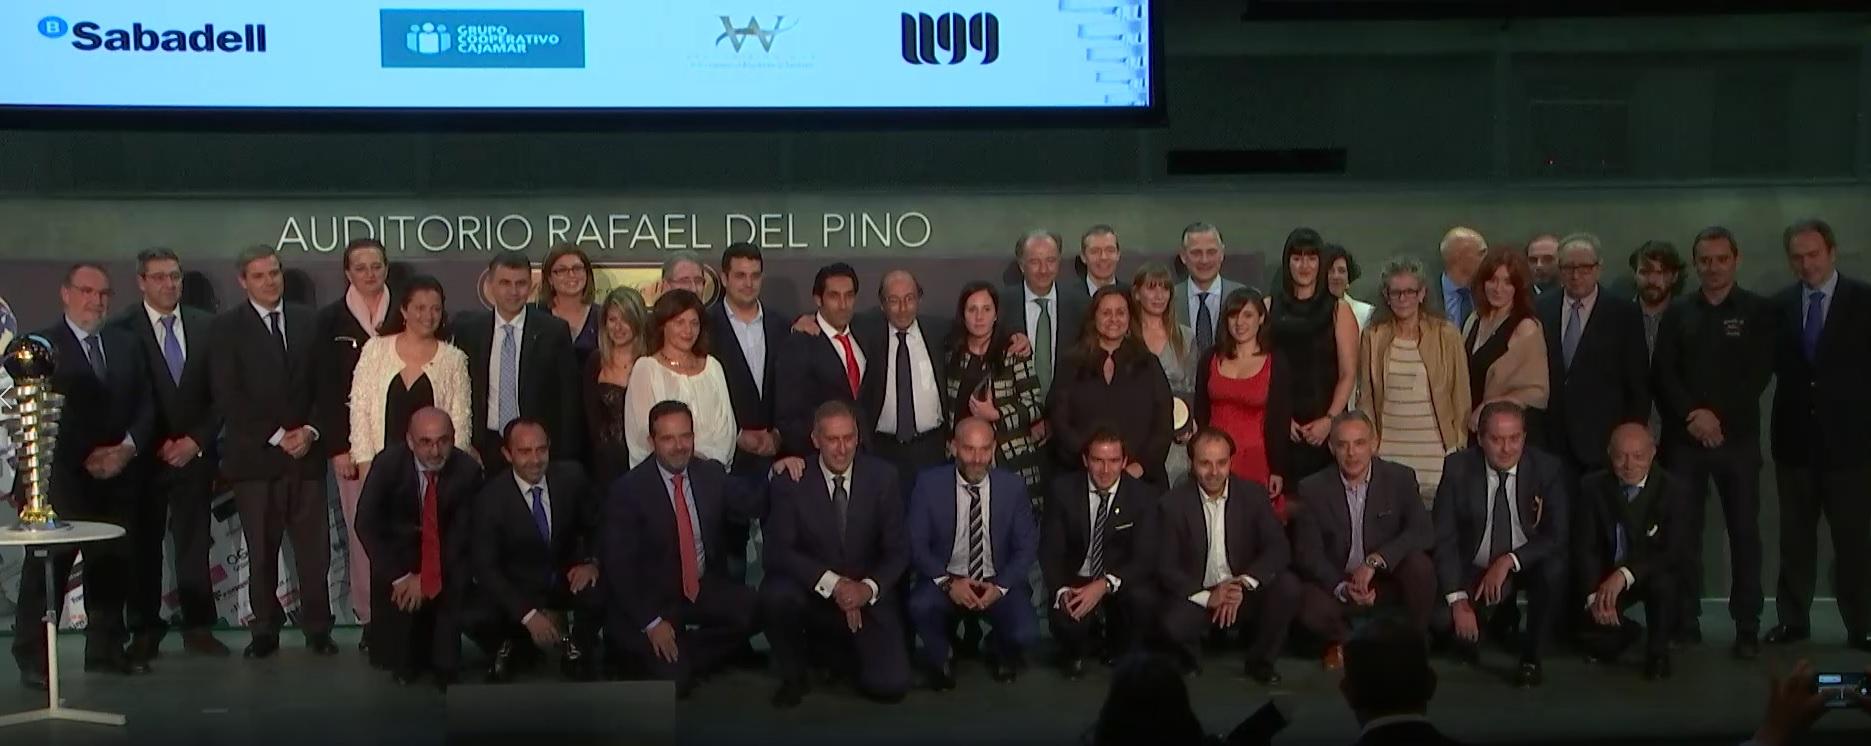 PremiosBFW_España2017_23825949_957039201101838_8660542118313625357_o